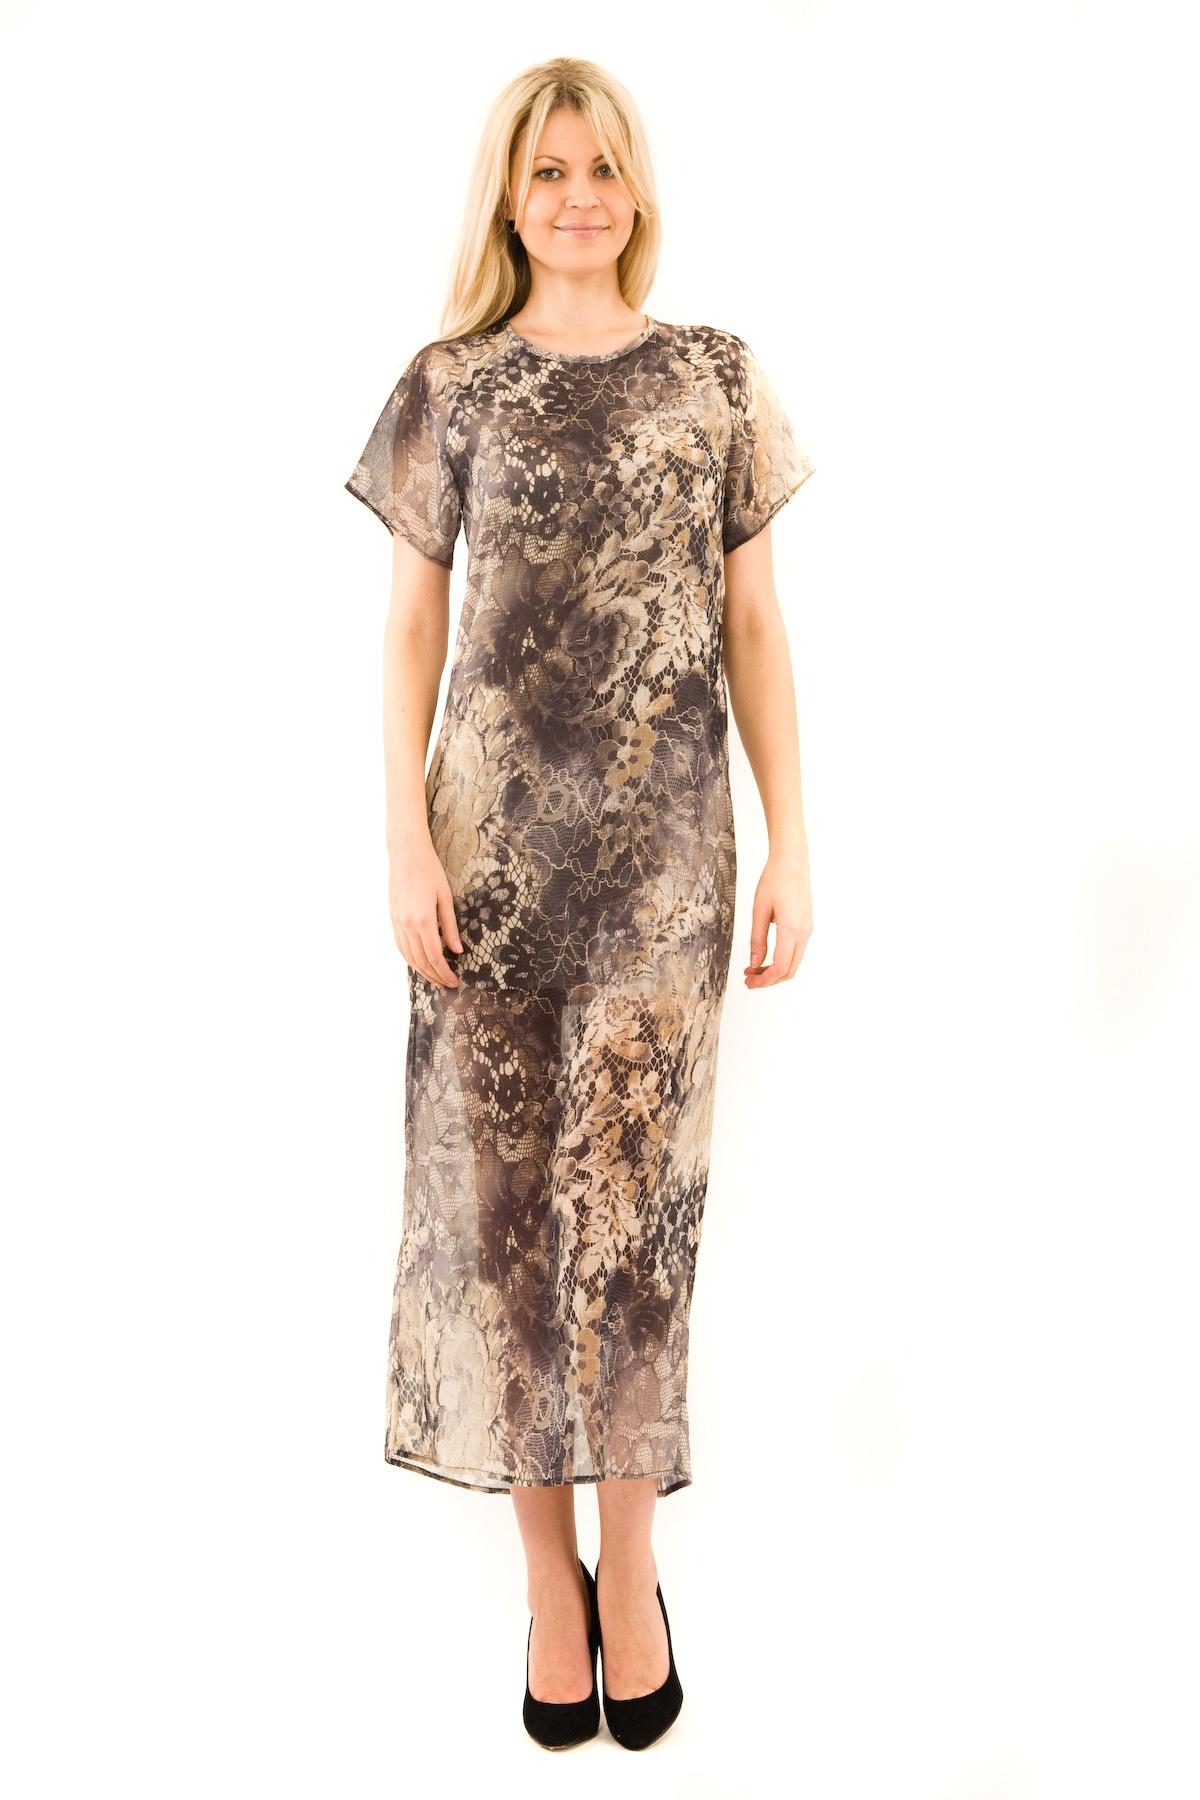 ПлатьеПлатья,  сарафаны<br>Элегантное шифоновое платье Doctor E . Модель имеет округлый вырез горловины. В этом платье Вы будете чувствовать себя невероятно комфортно в прямом свободном силуэте. Приятная на ощупь ткань с эффектом кружева делает это платье еще более привлекательным.<br><br>Цвет: серый<br>Состав: 100% полиэстер, подкладка-100% полиэстер<br>Размер: 40,42,44,46,48,52<br>Страна дизайна: Россия<br>Страна производства: Россия